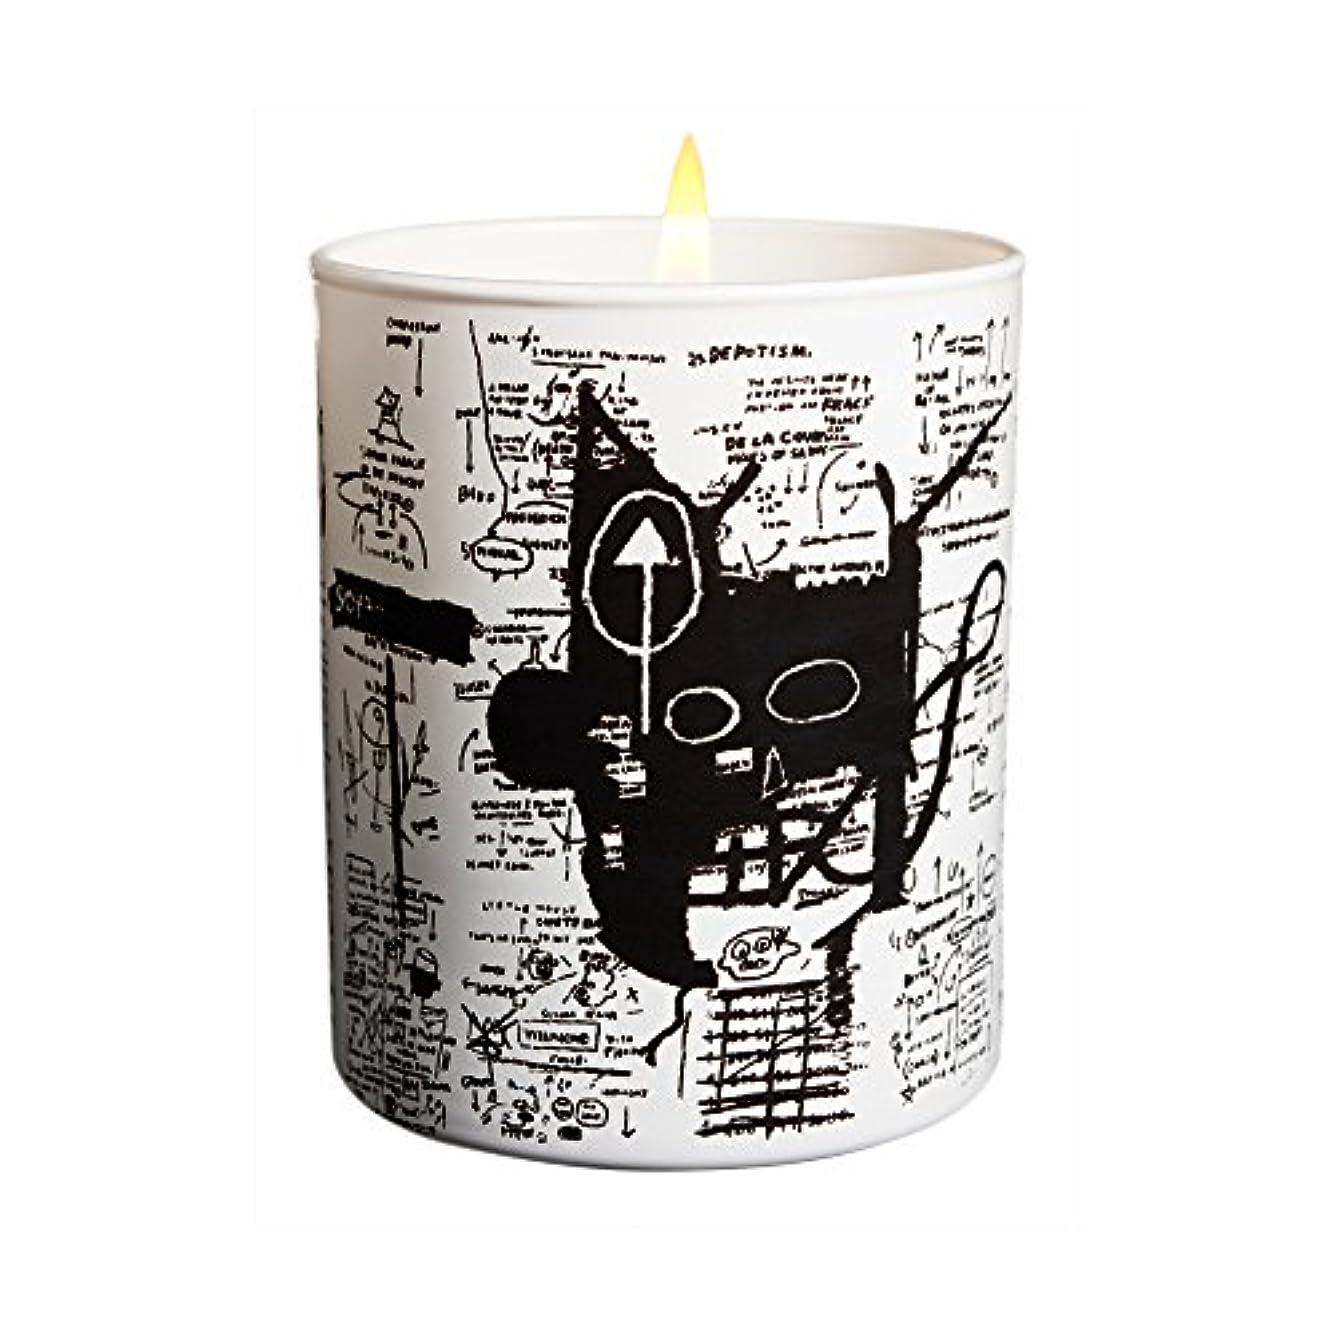 パントリー成果しおれたジャン ミシェル バスキア リターン オブ ザ セントラル フィギュア キャンドル(Jean-Michael Basquiat Perfumed Candle